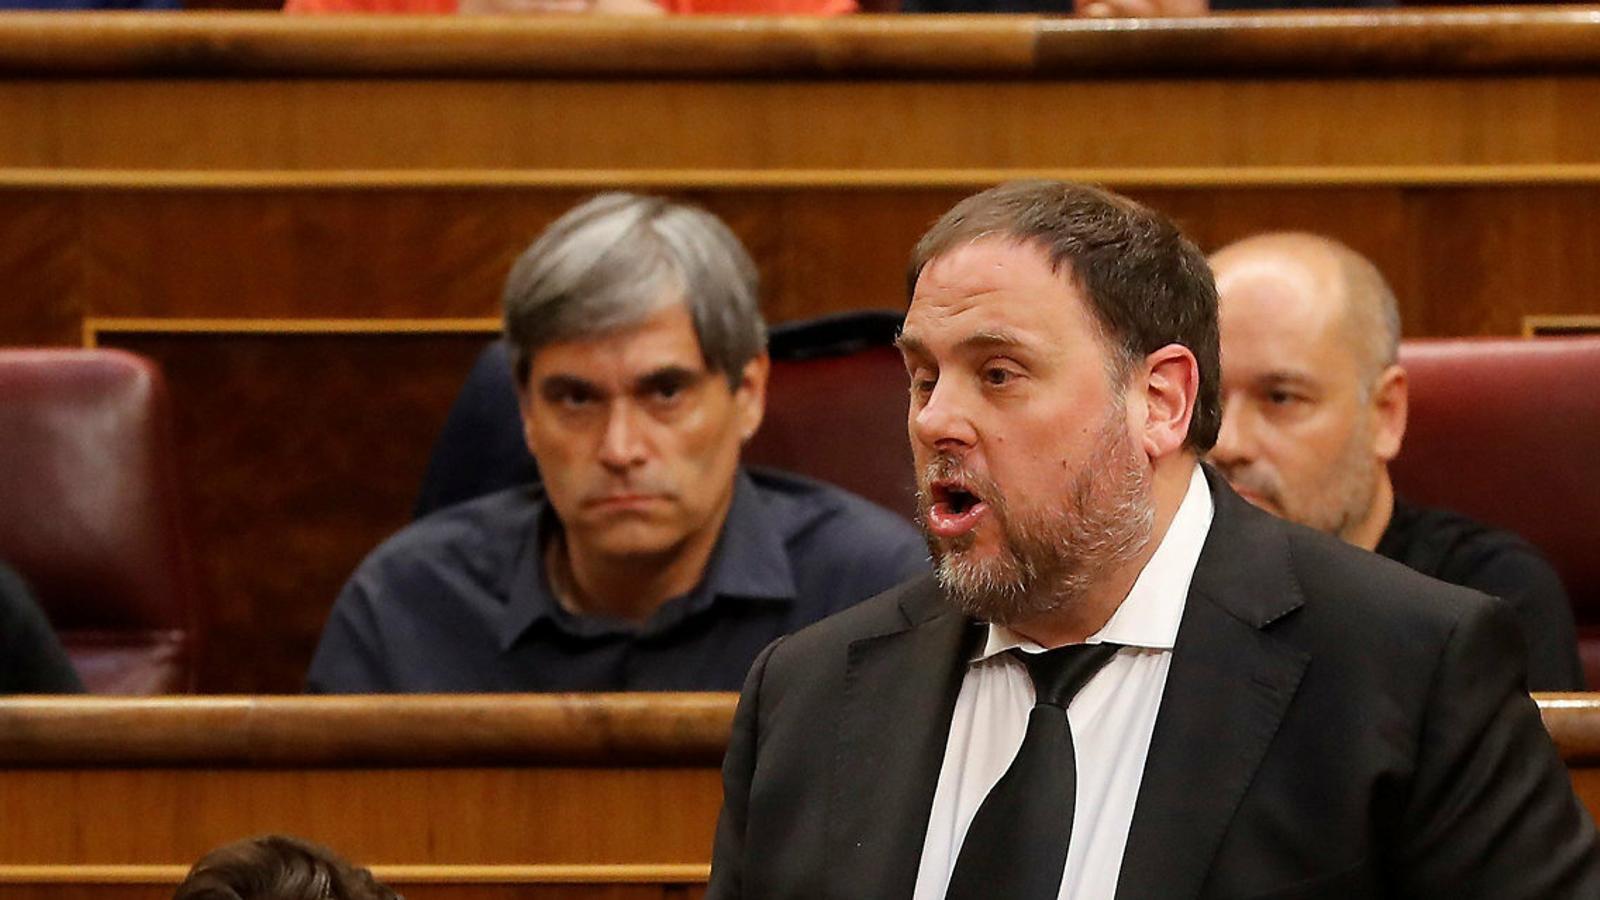 El president d'ERC, Oriol Junqueras, durant la sessió de constitució del Congrés.